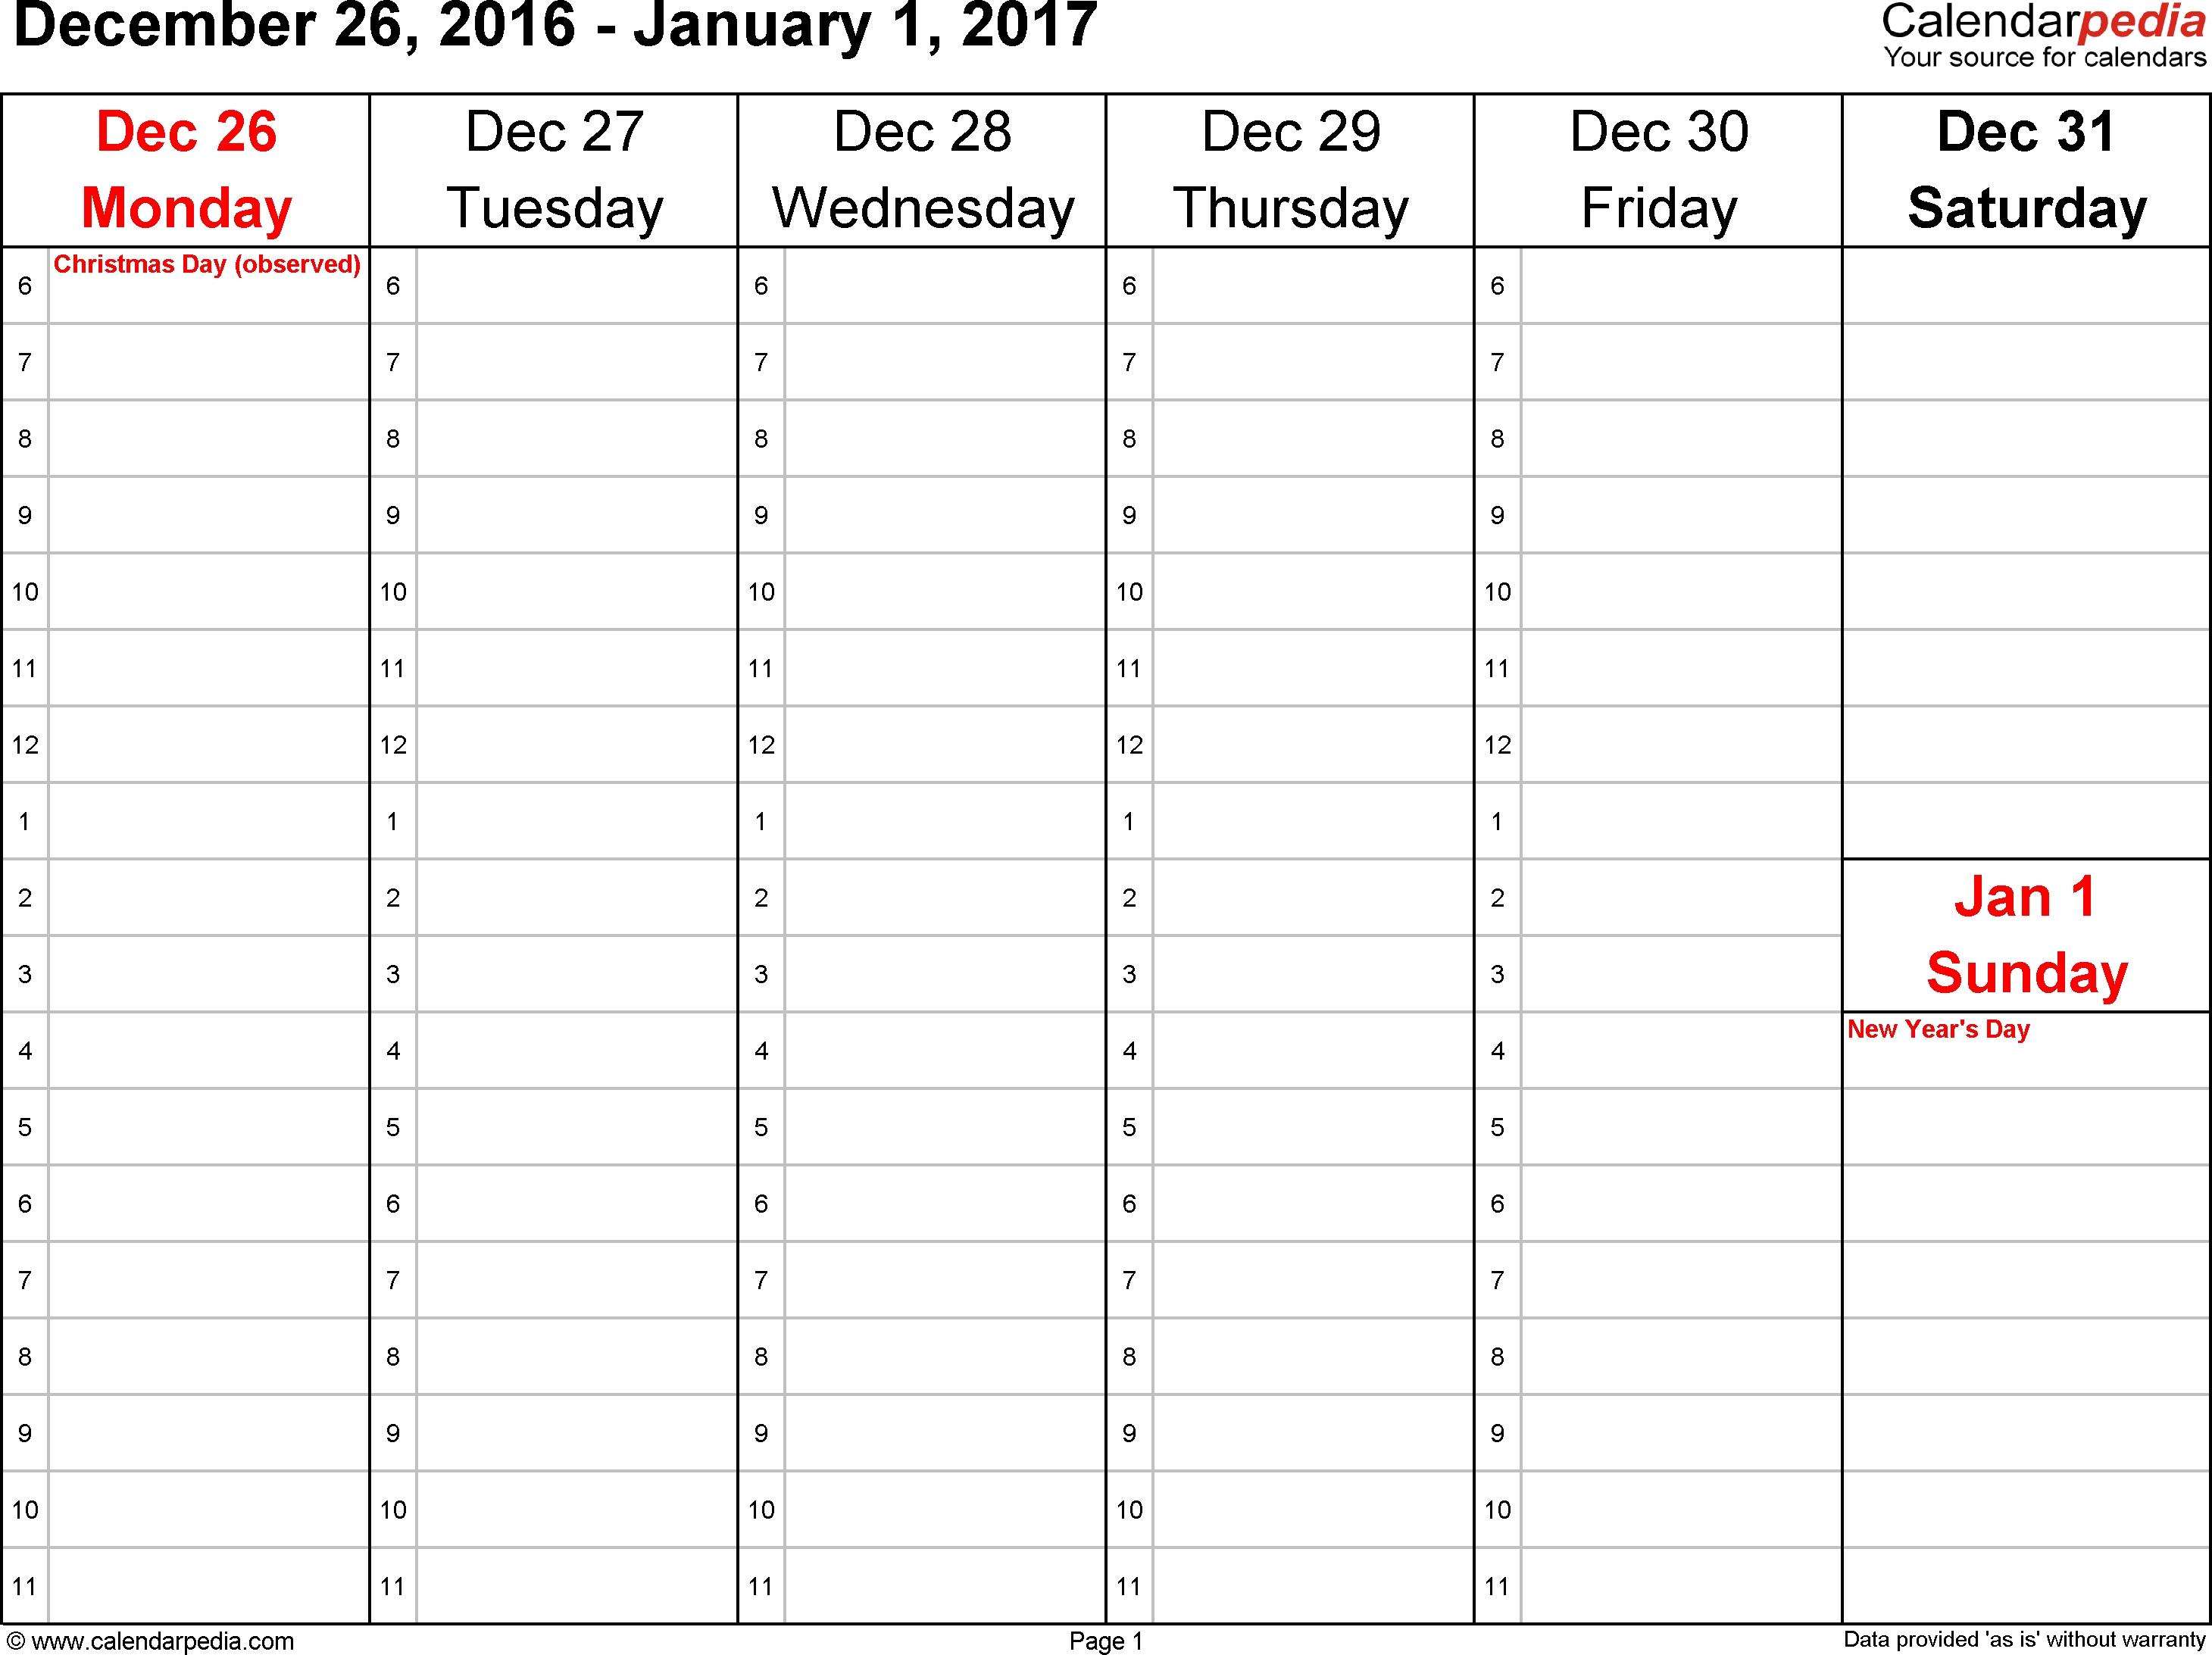 Weekly Schedule Printable Pdf Template Free Calendar Week Word One throughout Calendar Weeks Printable No Datwes